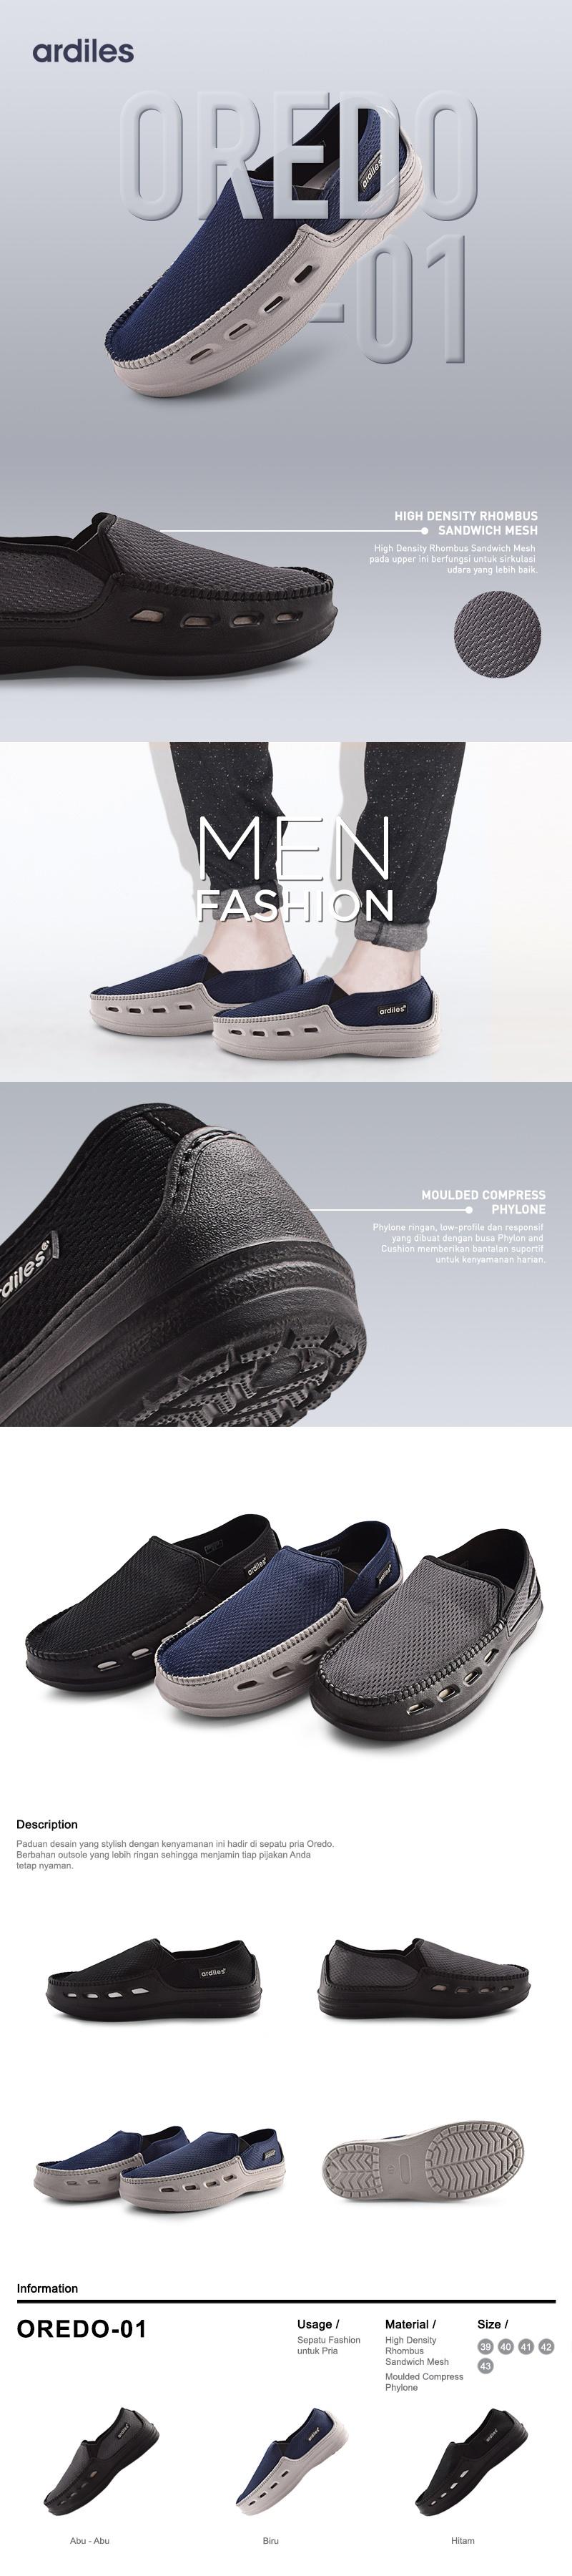 Harga Jual Ardiles Men Otsuka Phylon Shoes Coklat Cokelat 40 Terbaru Acrorip 903 One Phase Print Tinta Putih Dan Warna Bersamaan Buy Best Seller Unisex Sandal And Slippers Deals For Only